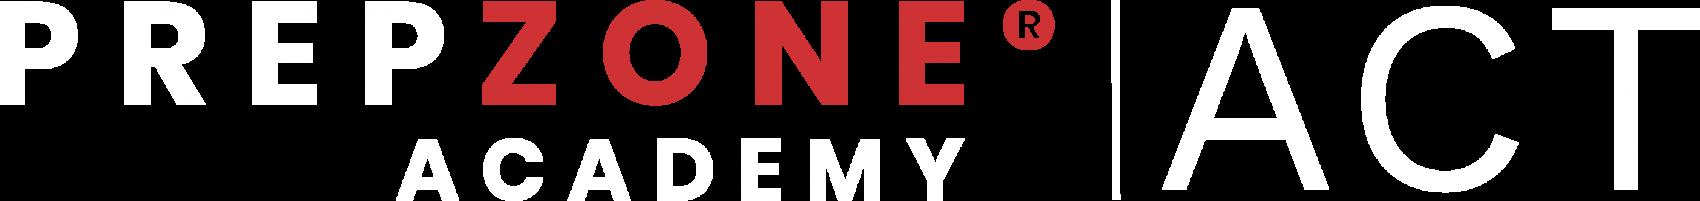 Prep Zone Academy | ACT